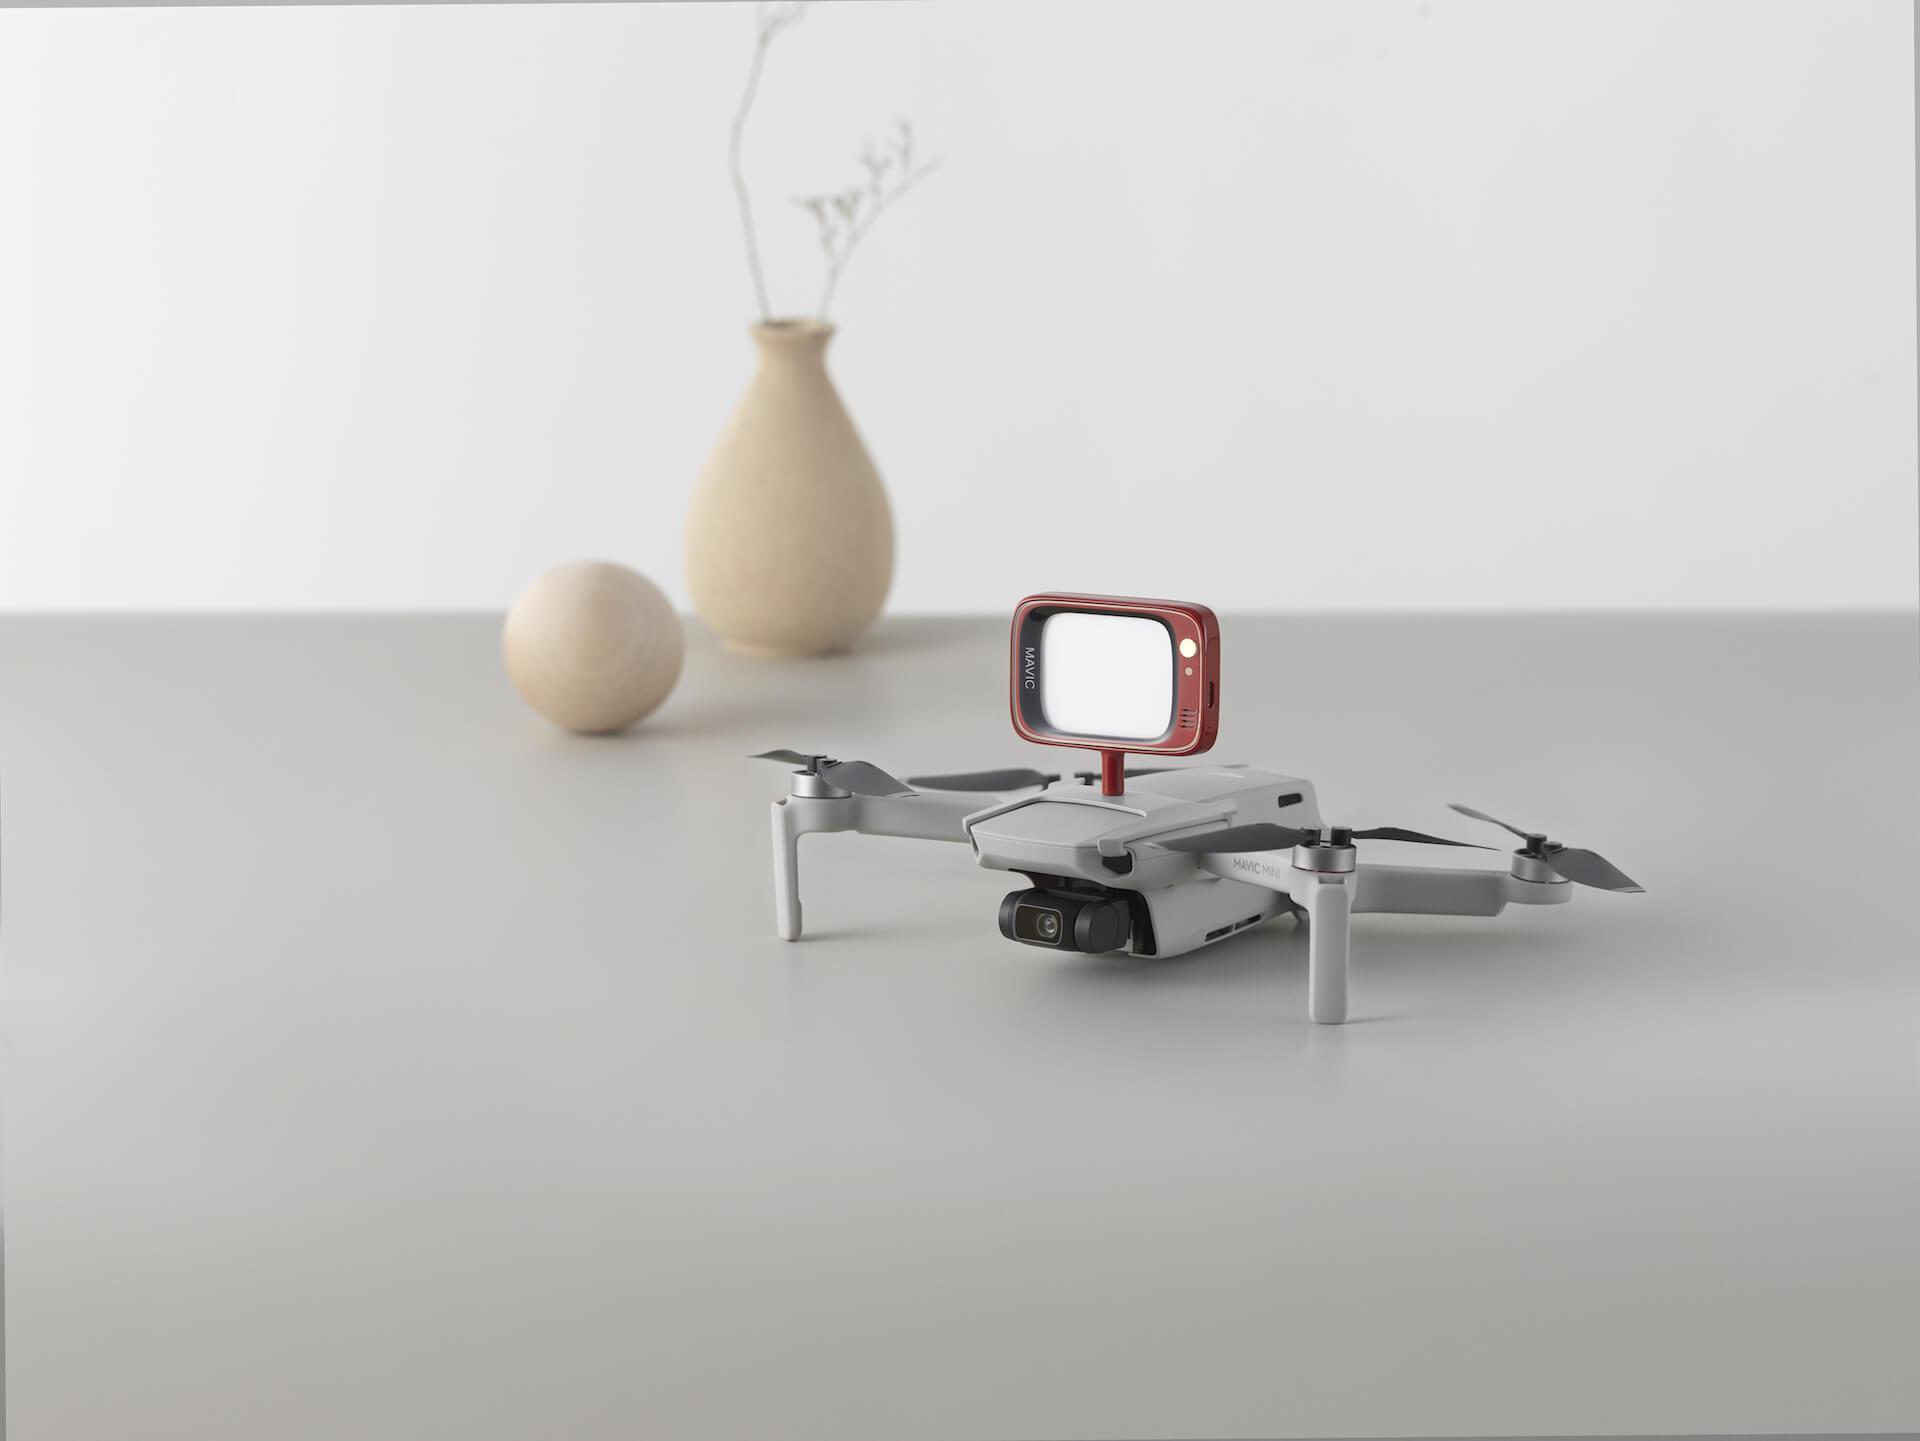 わずか199gと驚異のコンパクトさを誇る空飛ぶカメラ「DJI Mavic Mini」が登場!本日より予約受付開始 tech191031_mavicmini_9